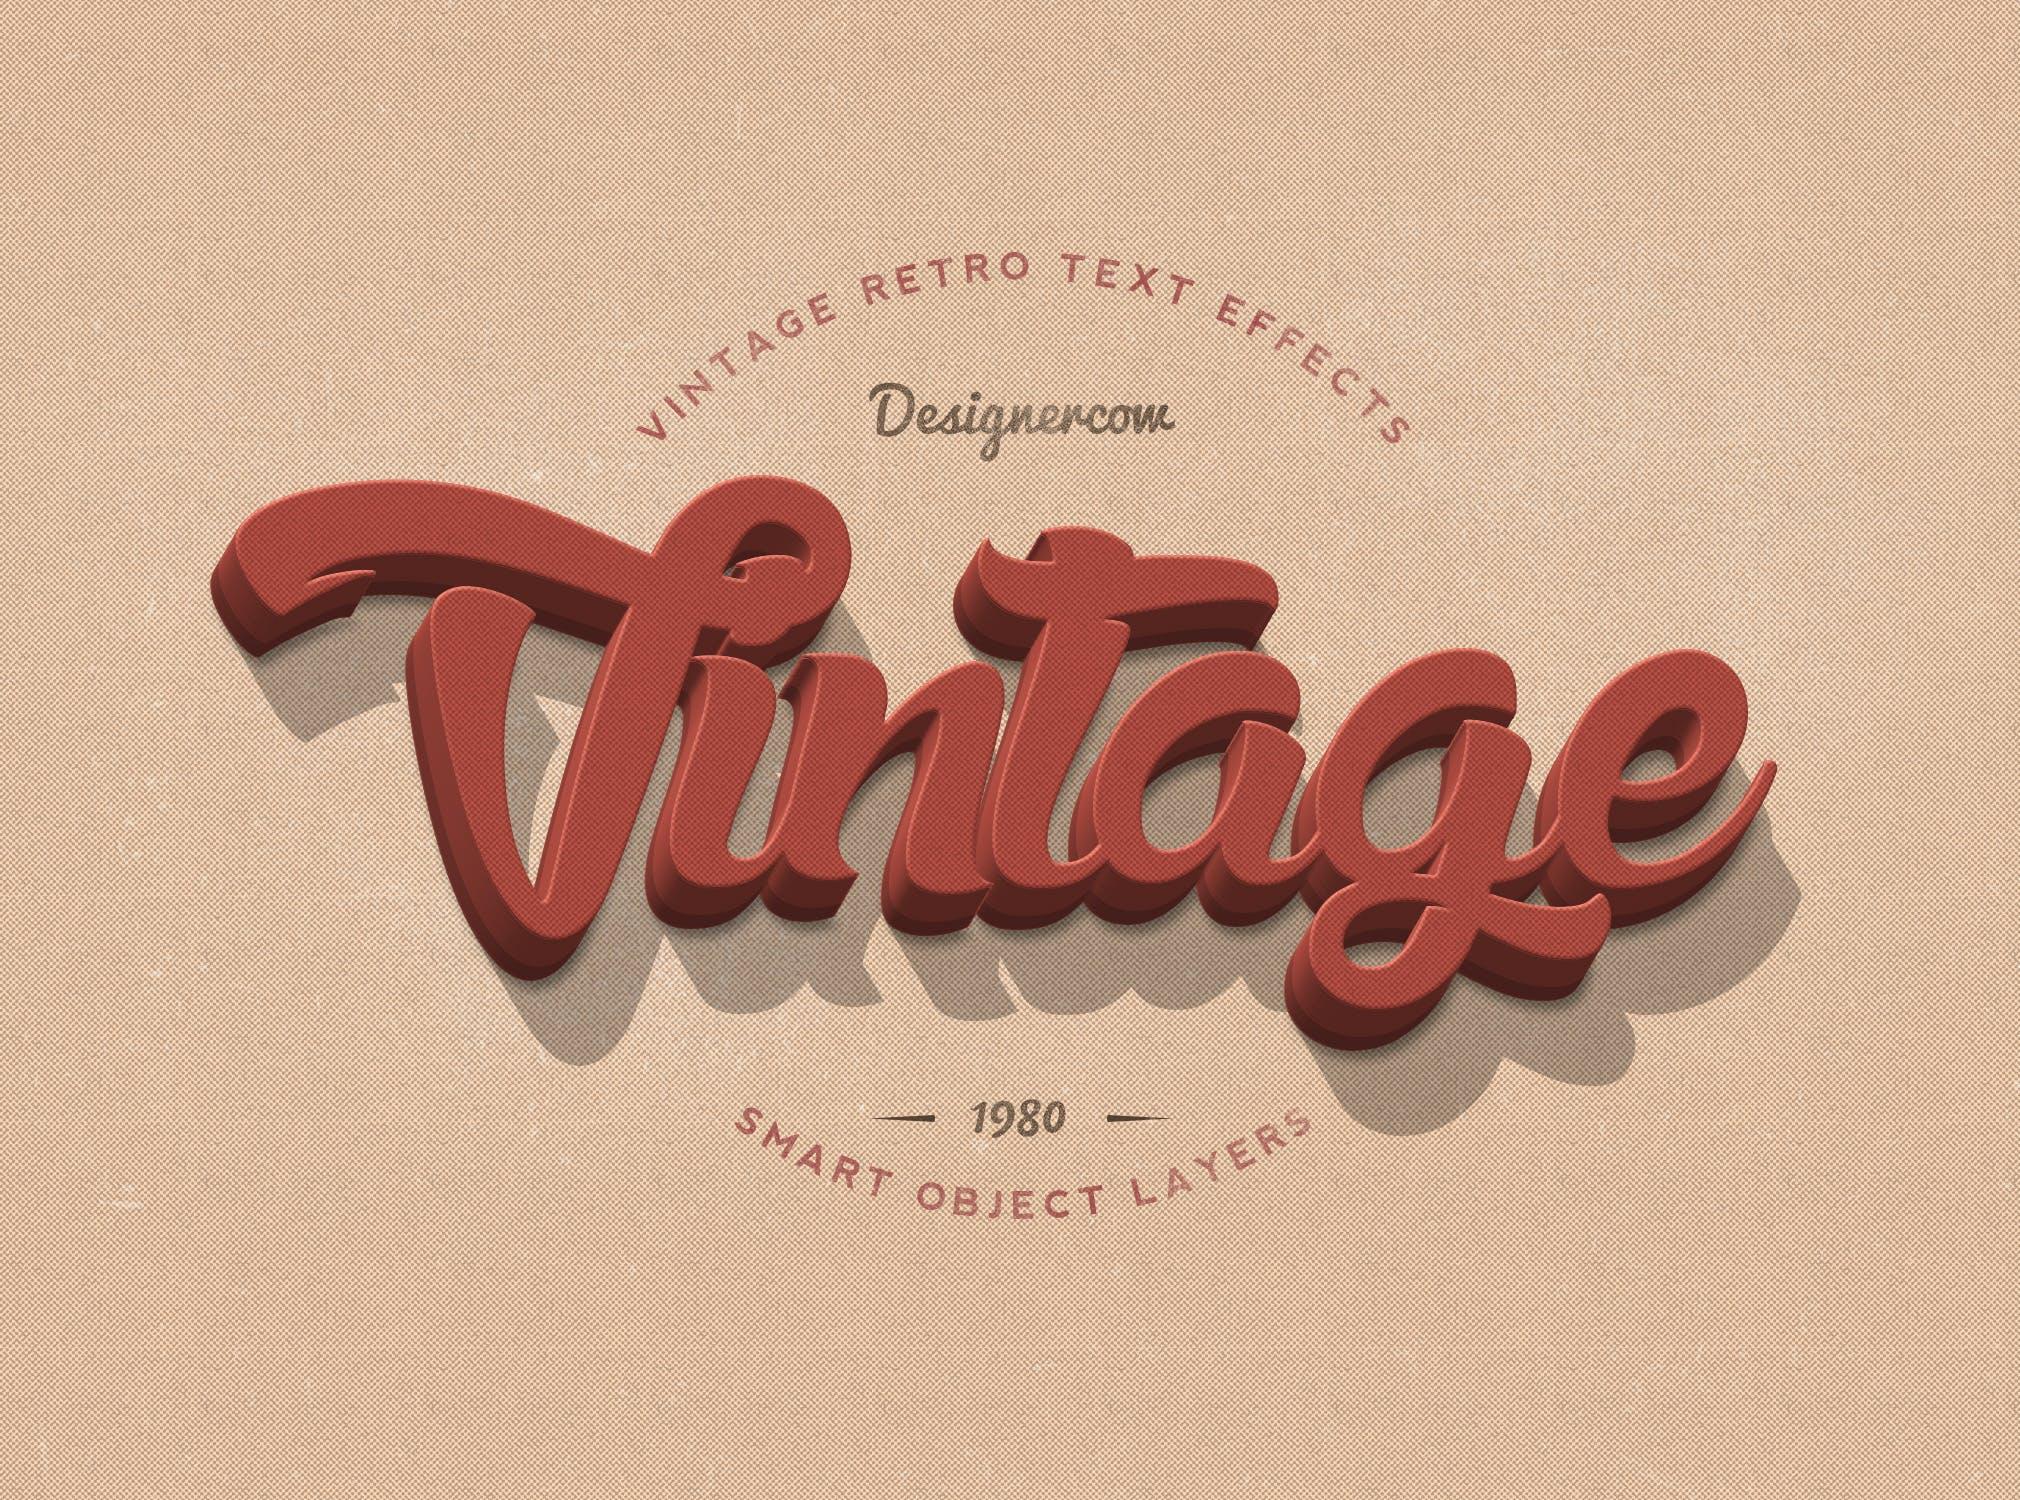 14款老式复古3D立体效果徽标标题字体设计PS样式模板 14 Vintage Retro Text Effects插图(5)